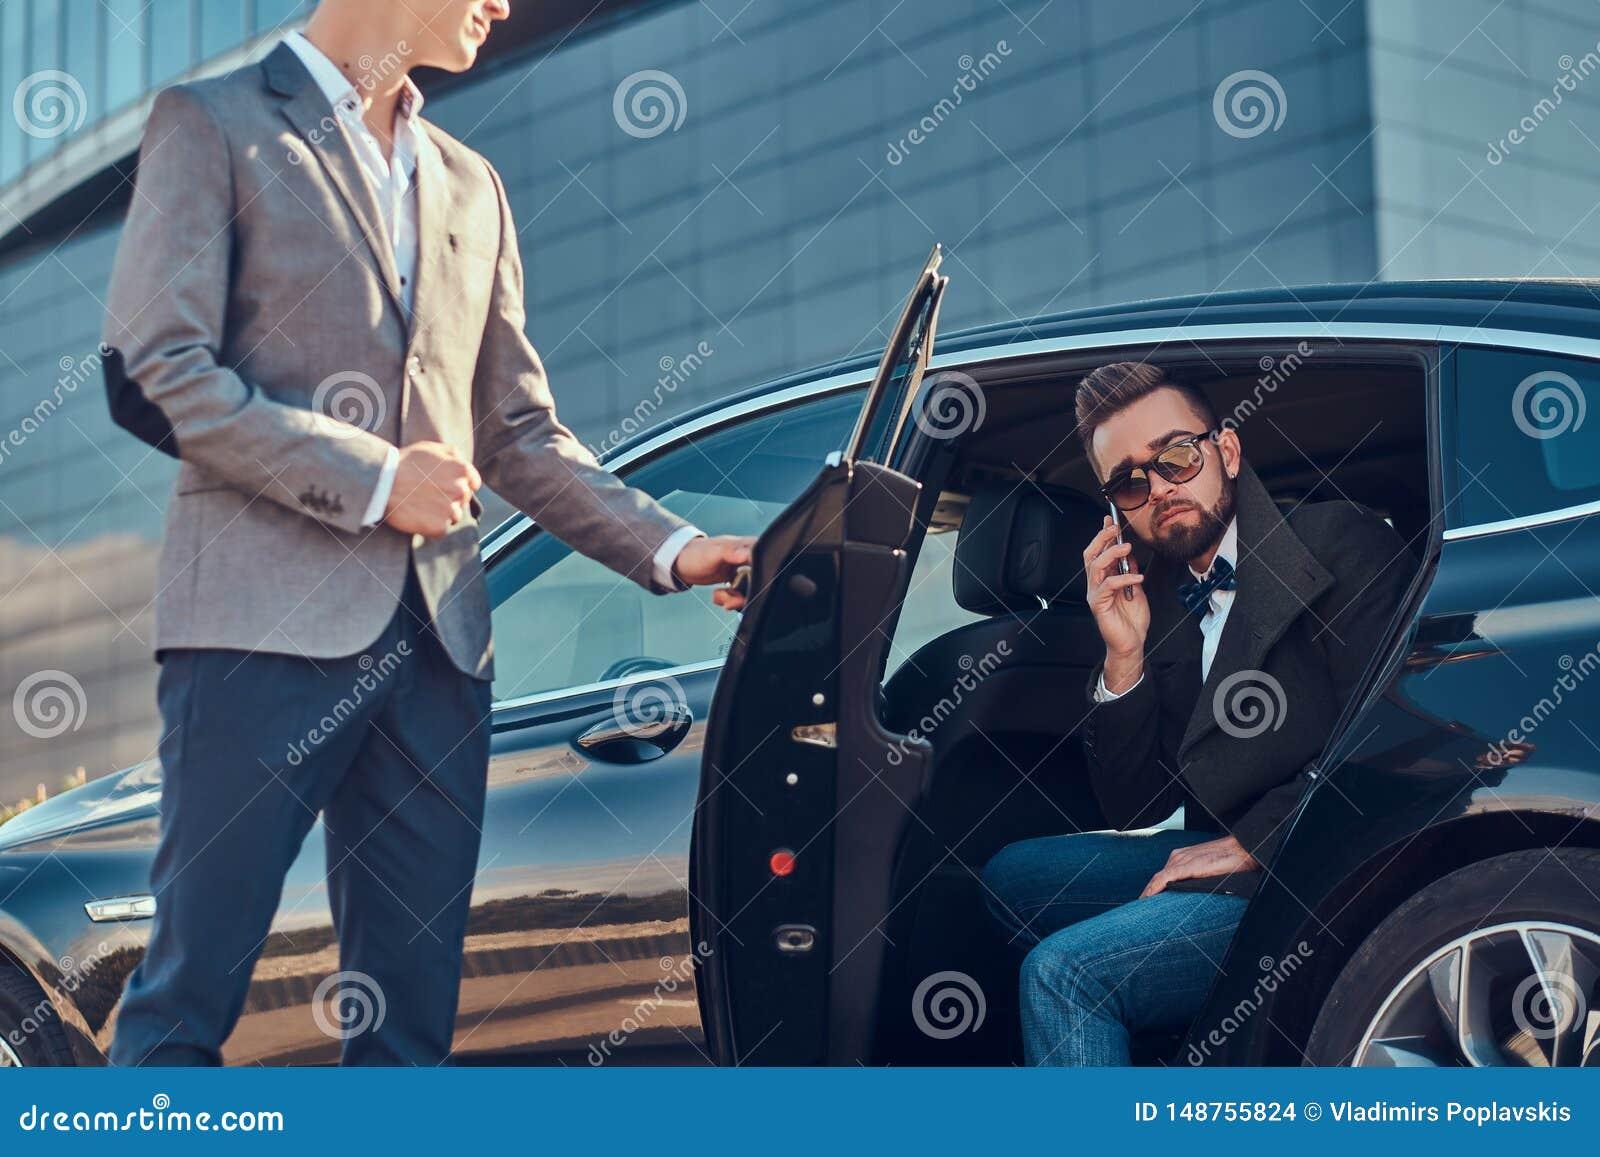 Den attraktiva ansade mannen i solglasögon talar vid smartphonen och sitter i bilen, medan hans assistent är den öppnande dörren